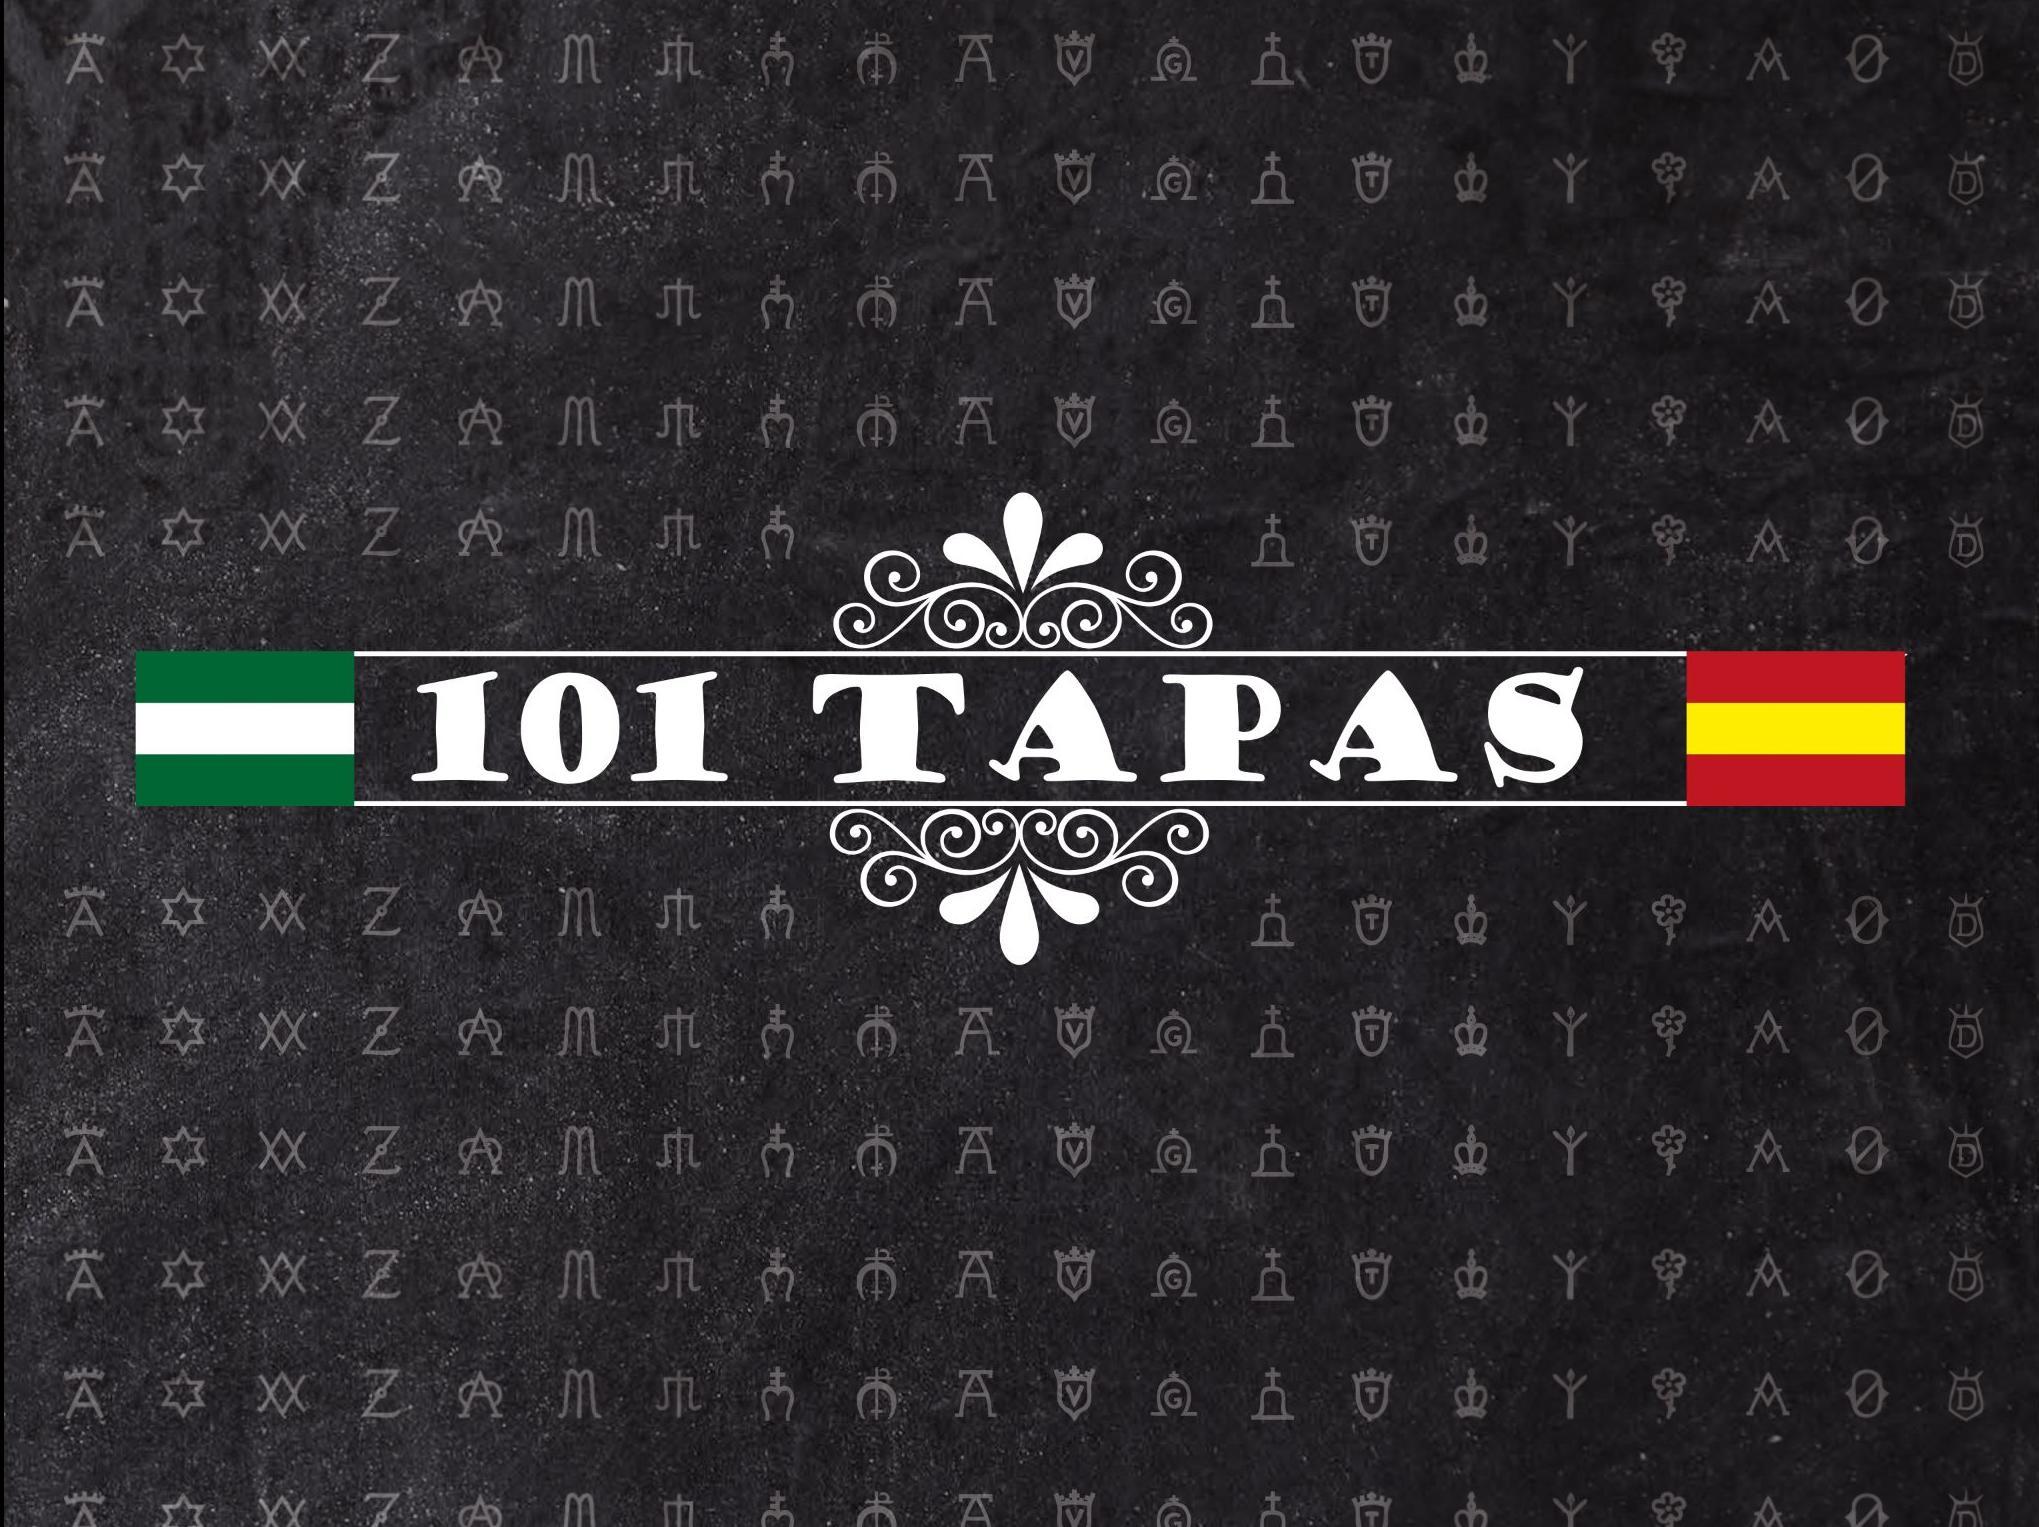 Nuestra Carta: Nuestra Carta de 101 Tapas